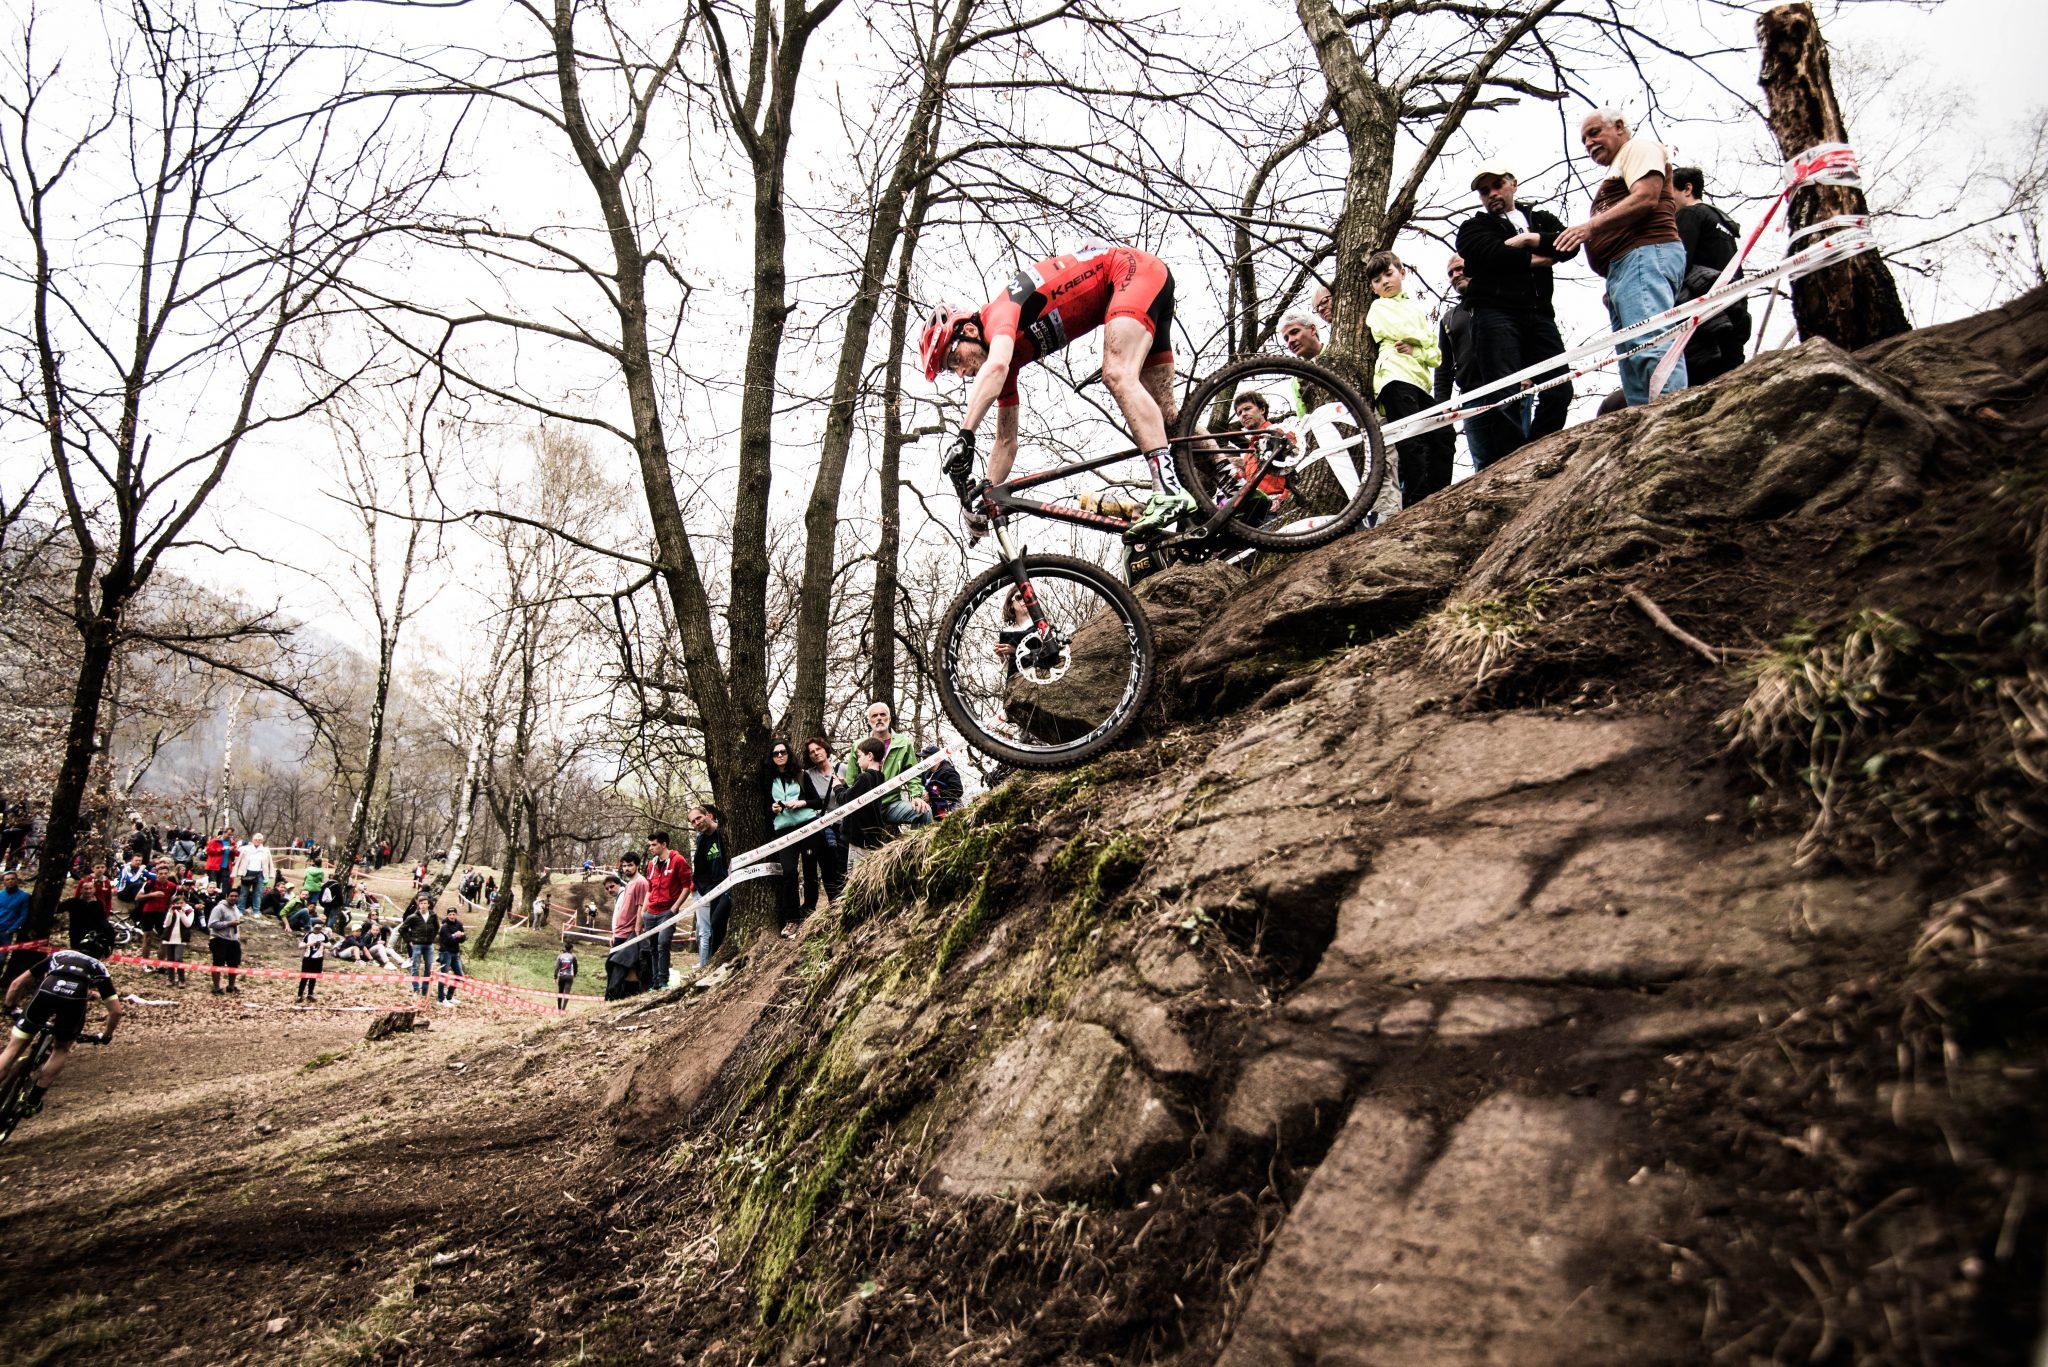 Der Mountainbike-Profi Markus Bauer fährt bei einem Rennen einen steilen Abhang hinab